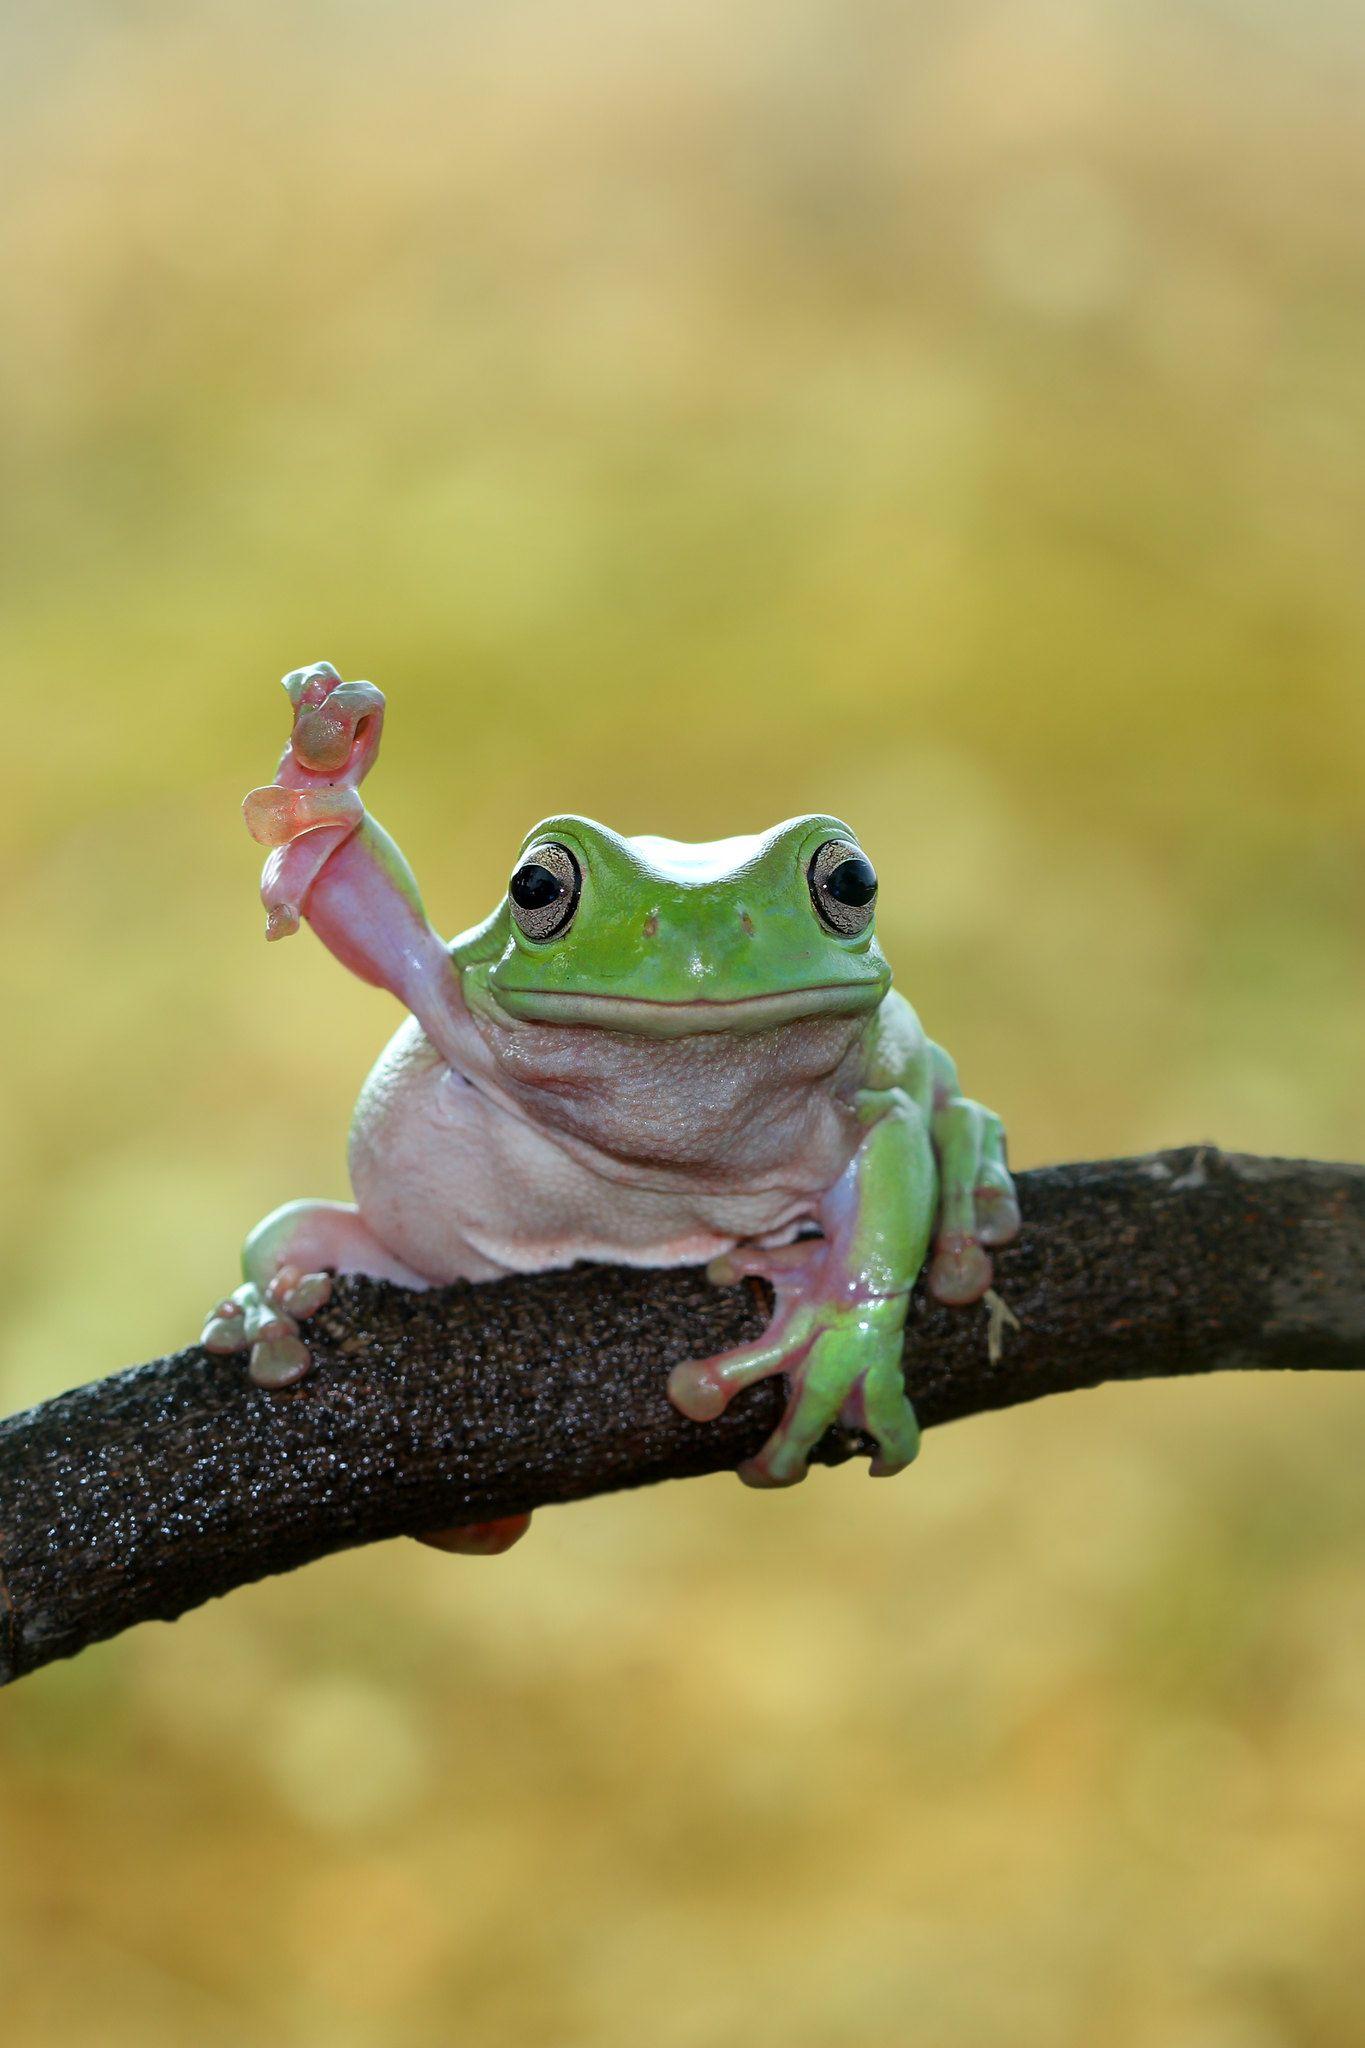 Dumpy frog in 2020 Pet frogs, Frog, Cute frogs